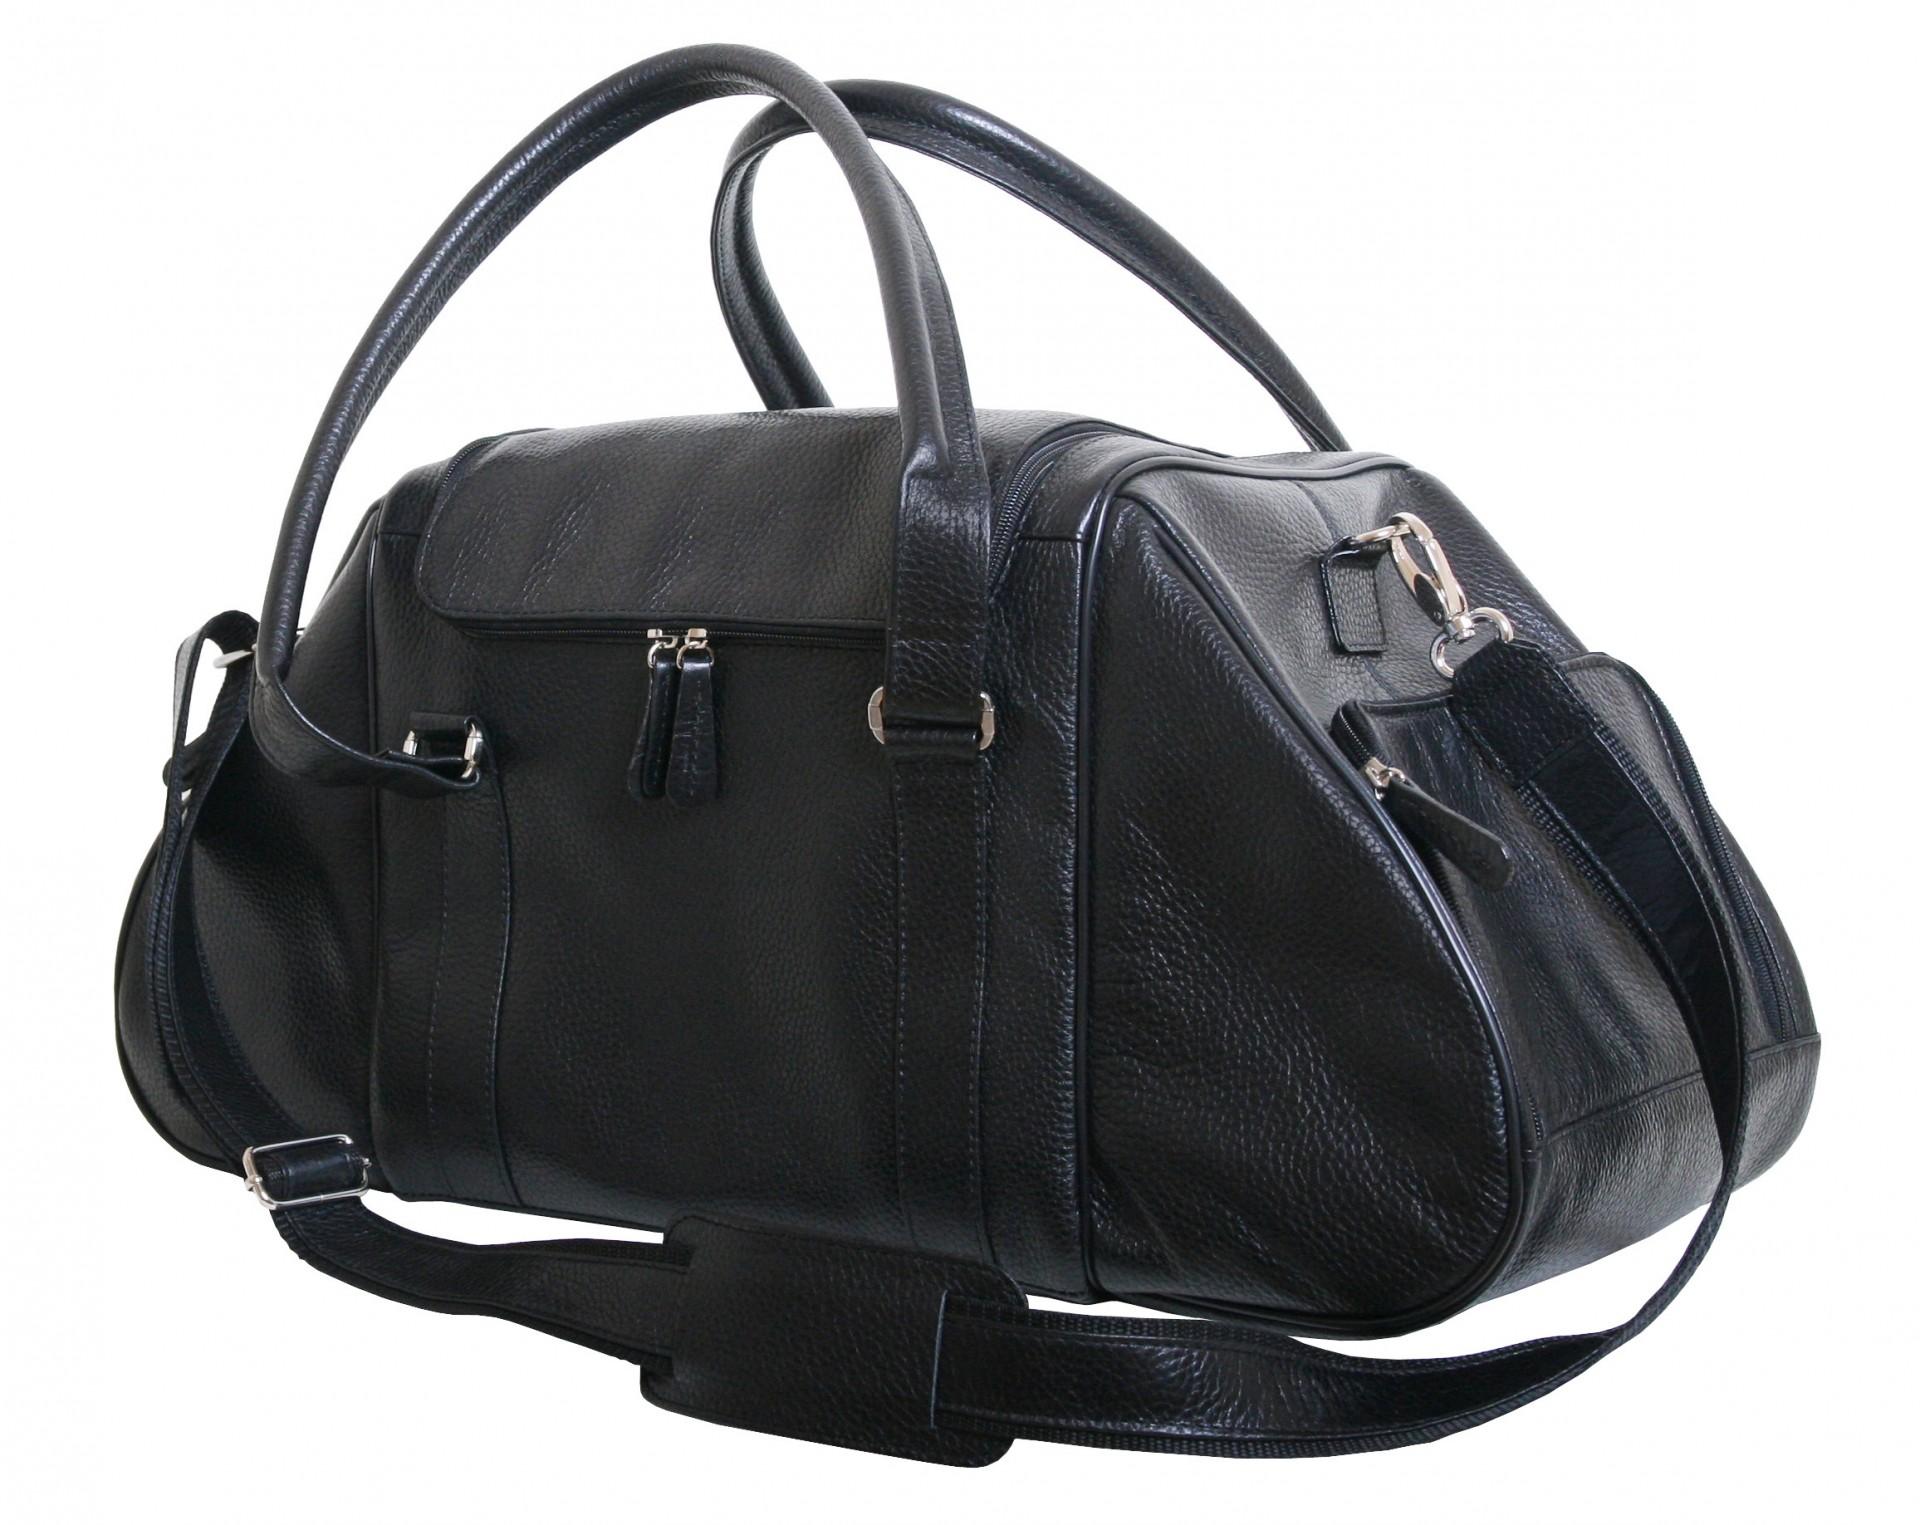 7bf6d5393ff8 Дорожная элитная кожаная сумка VIP COLLECTION - продажа в интернет ...